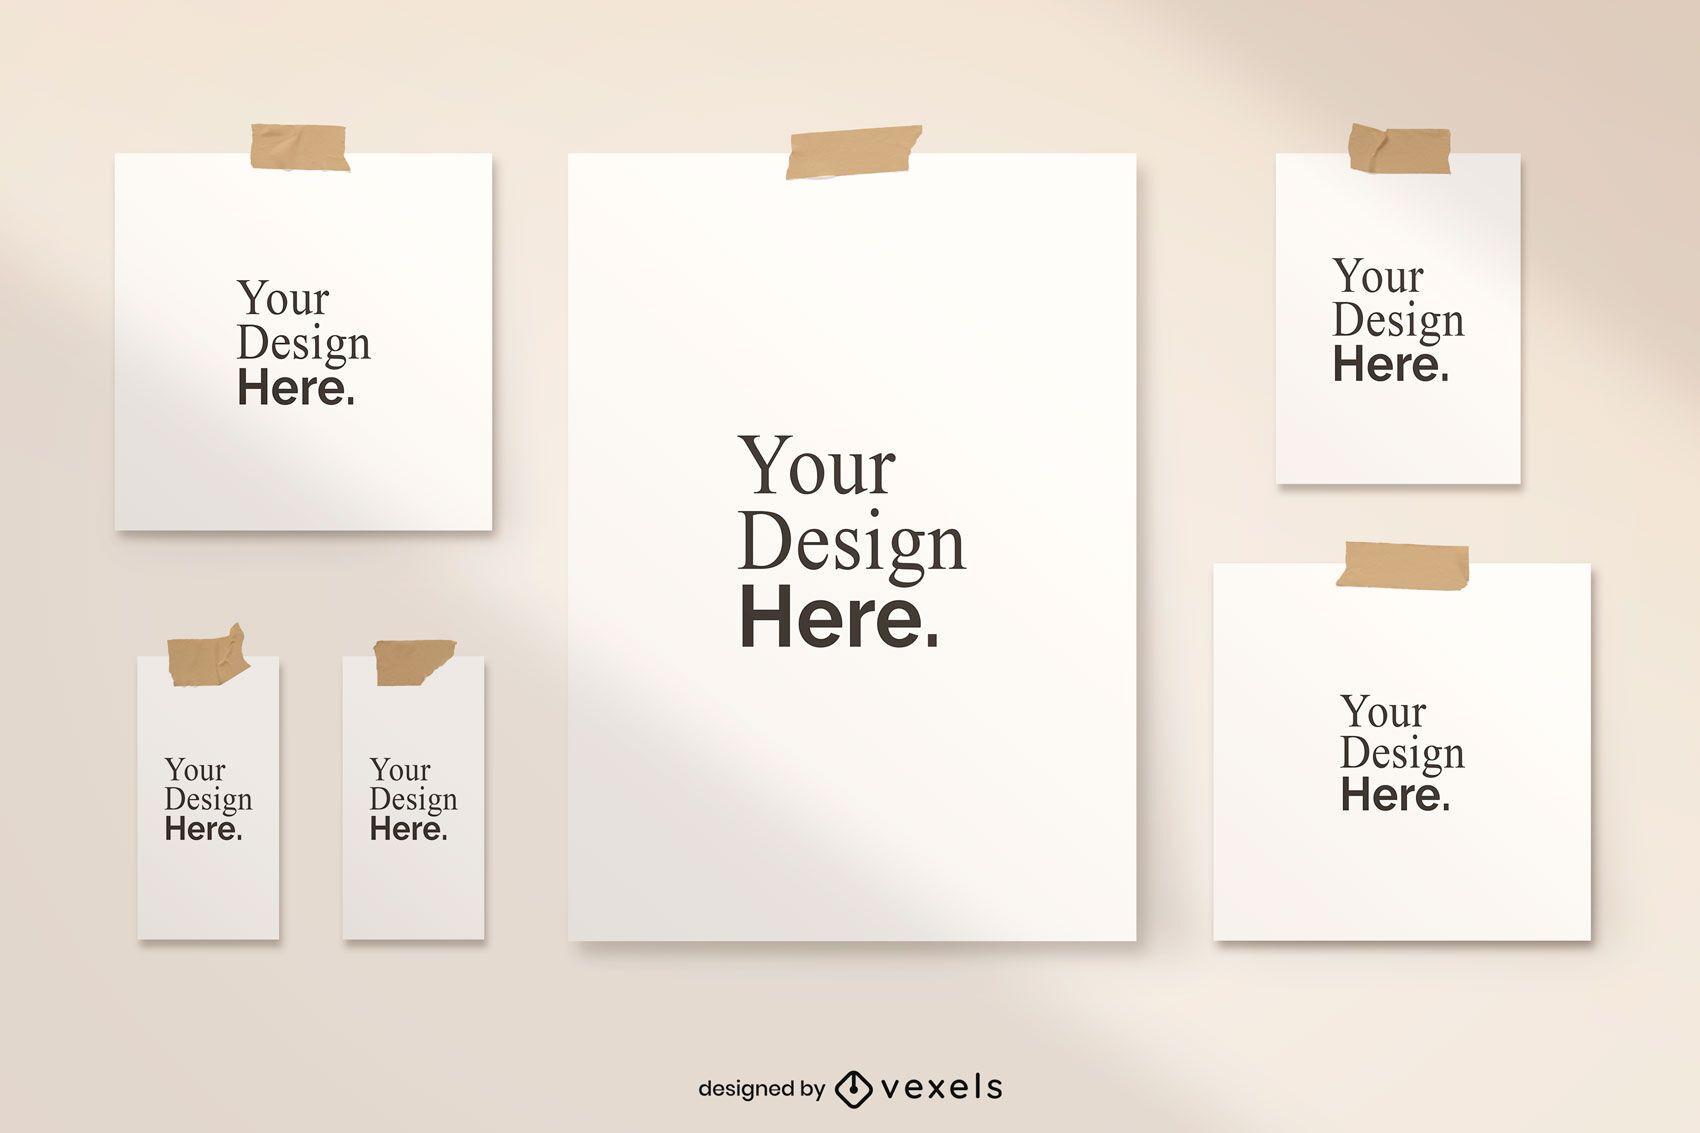 Diseño de maqueta de póster grabado